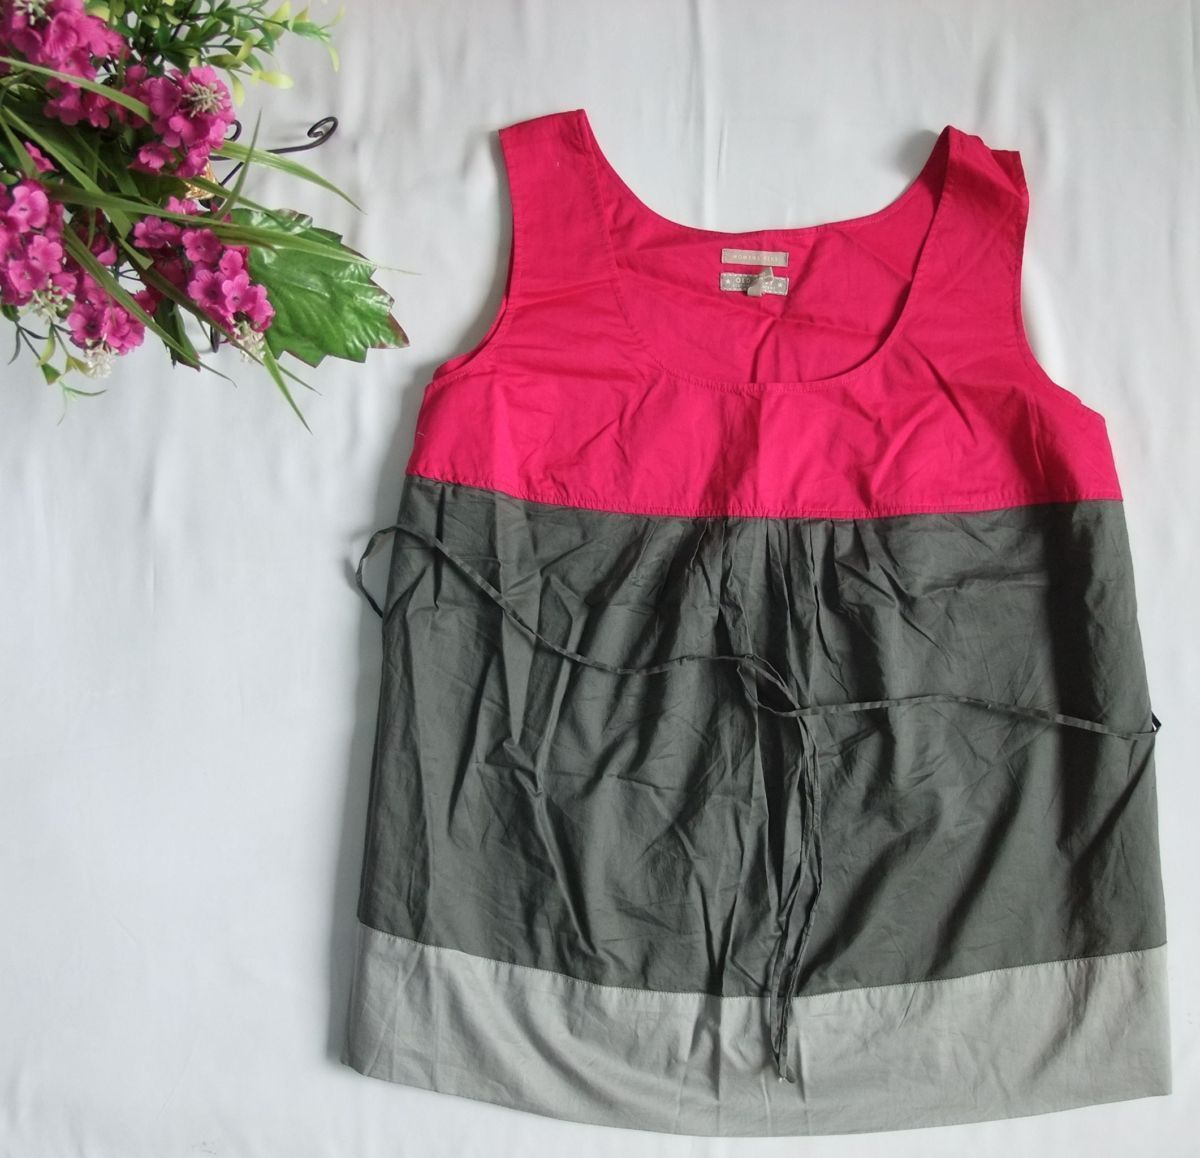 женская рубашка Городской стиль Без рукавов О-вырез